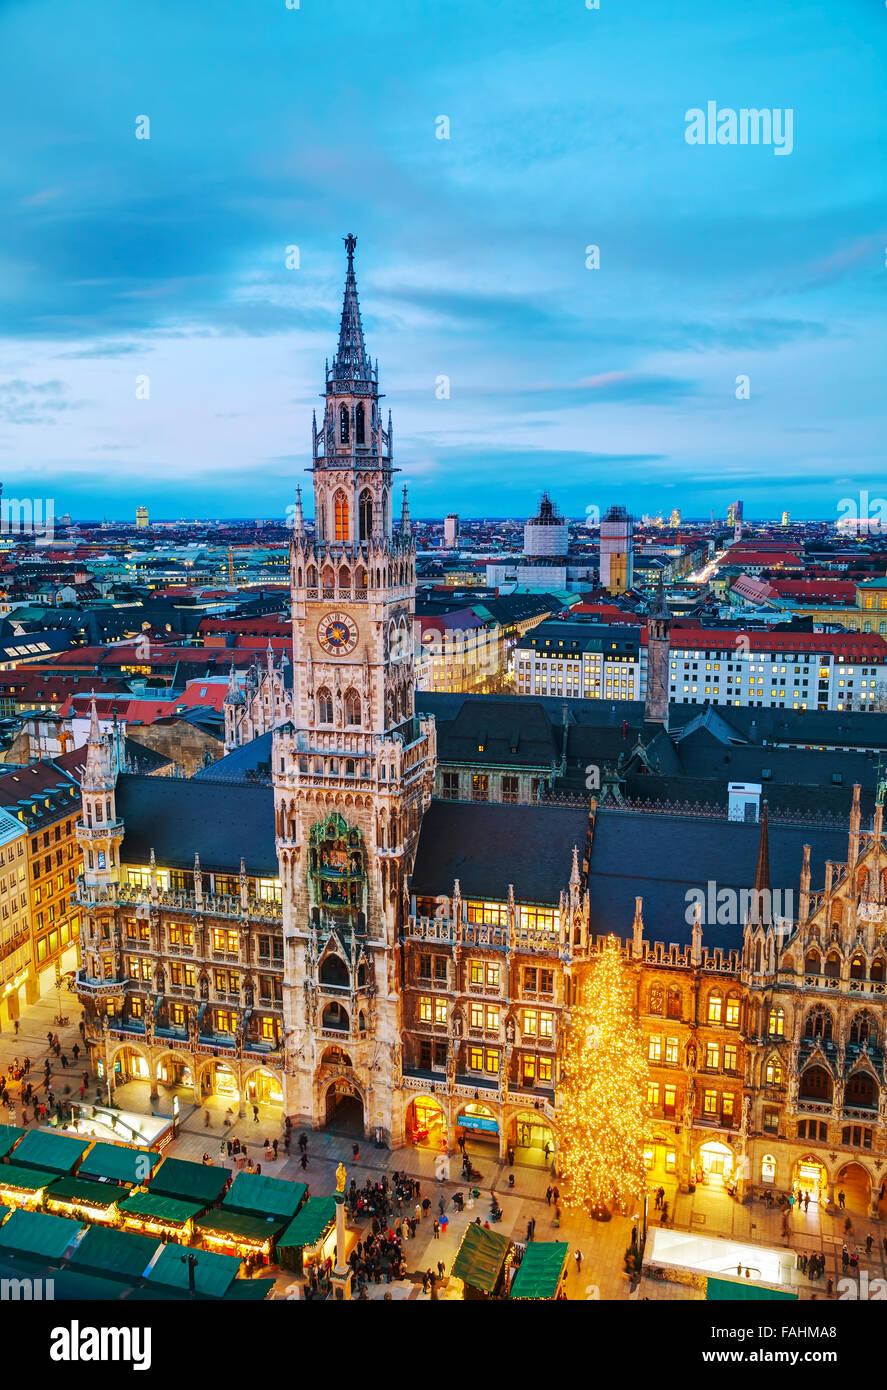 München - NOVEMBER 30: Luftaufnahme des Marienplatz am 30. November 2015 in München. Es ist die 3. größte Stockbild